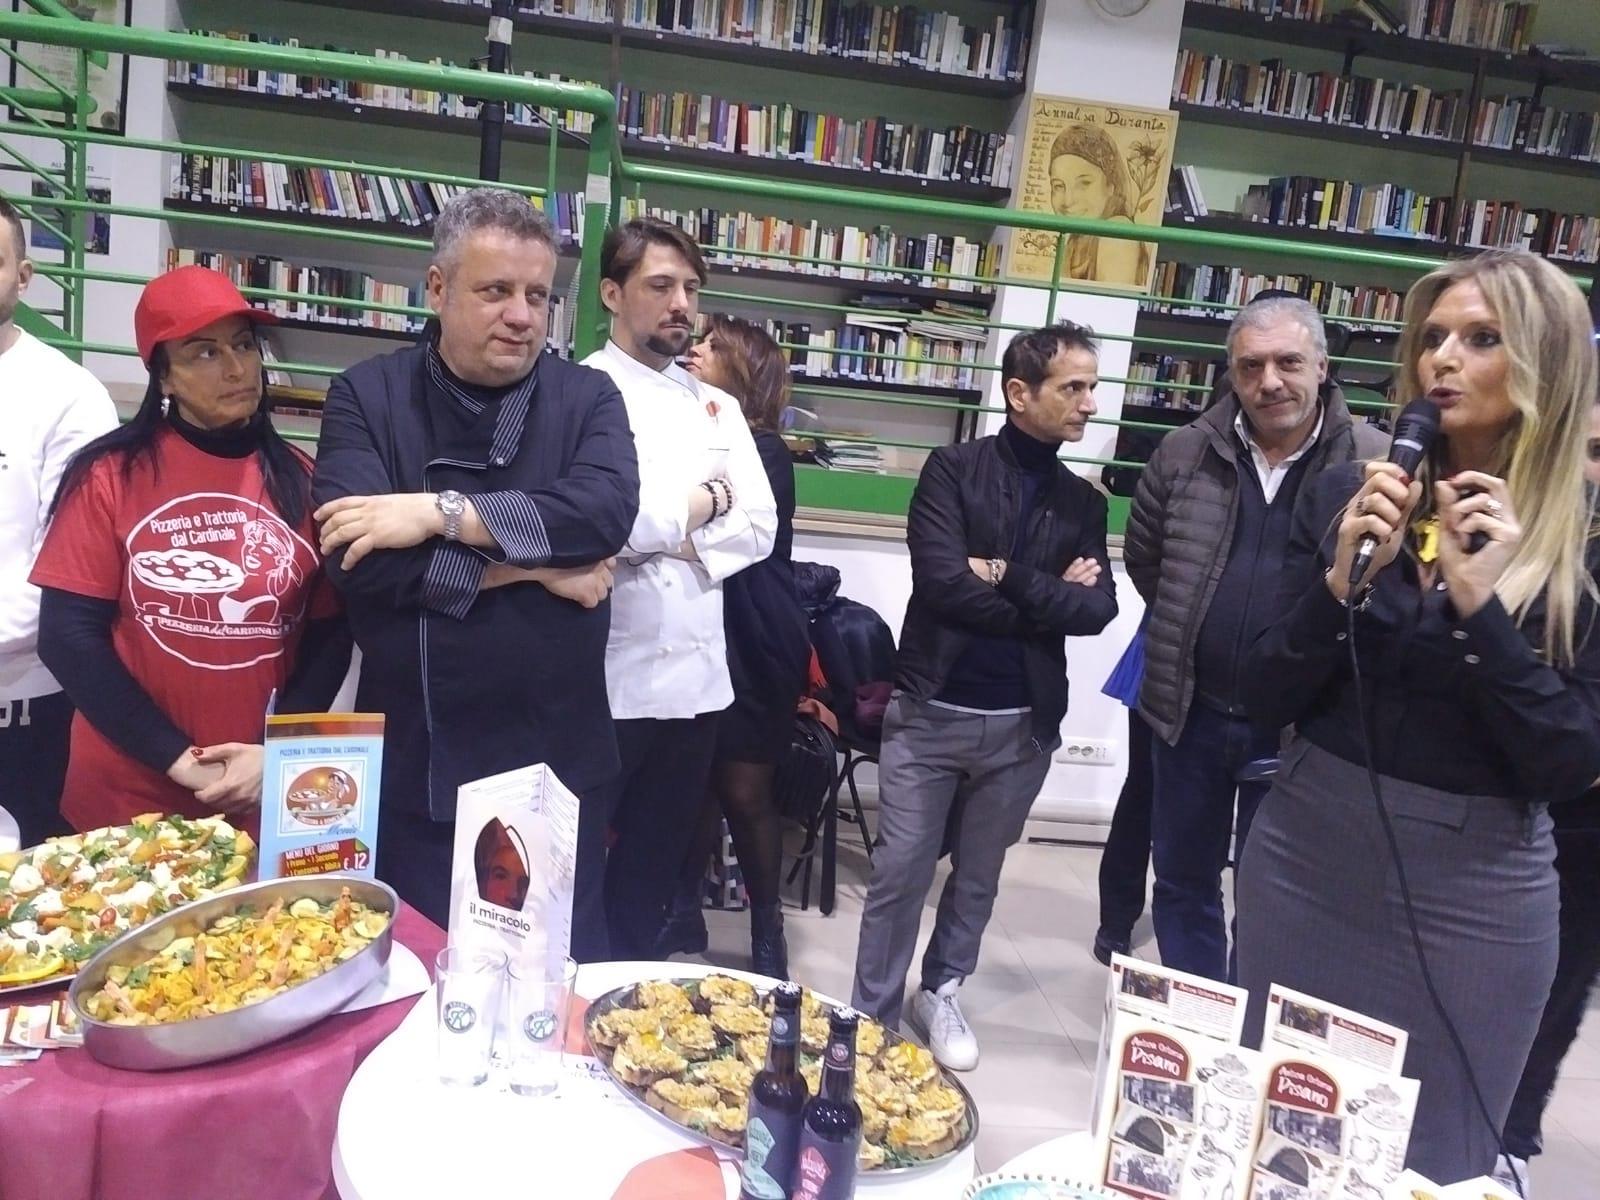 Associazione Annalisa Durante - A Forcella, ristoratori e associazioni uniti per lo sviluppo e la legalità